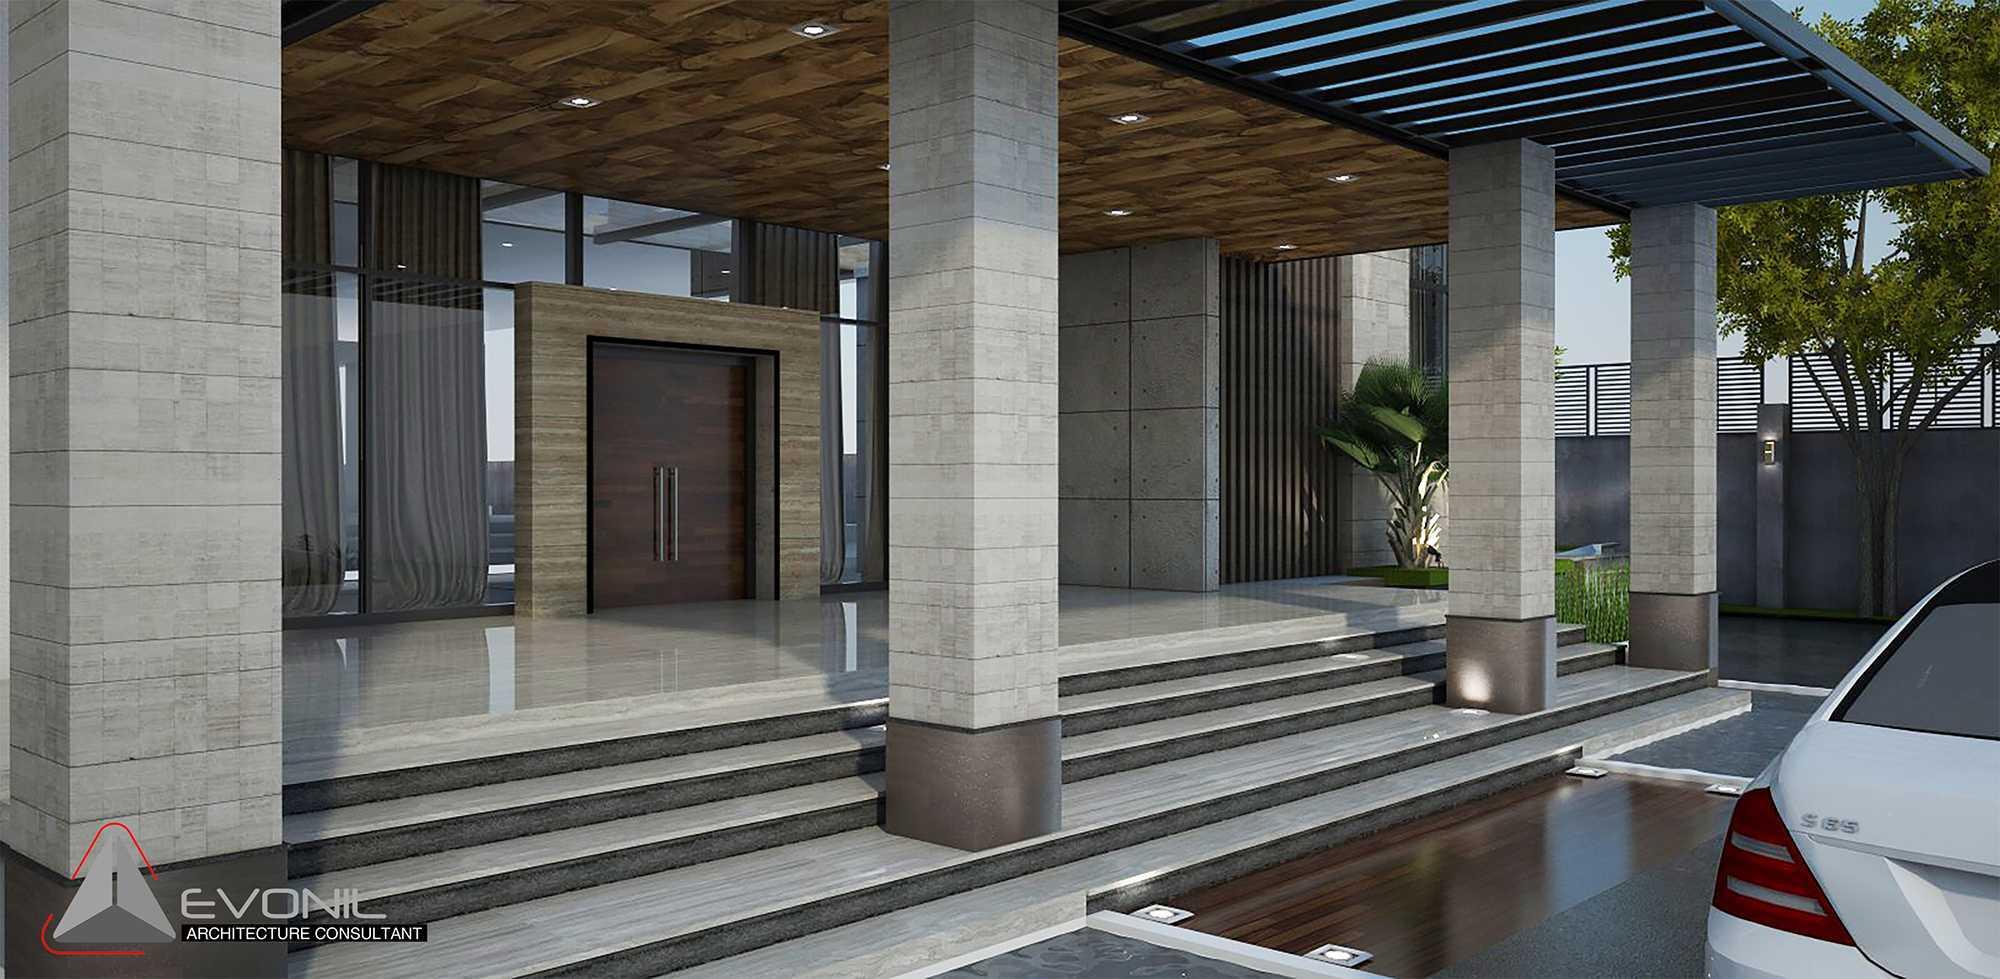 Evonil Architecture Residence Pangkalan Bun Pangkalan Bun, Kalimantan, Indonesia Pangkalan Bun, Kalimantan, Indonesia Lobby-Residence-Pangkalan-Bun Modern  13140